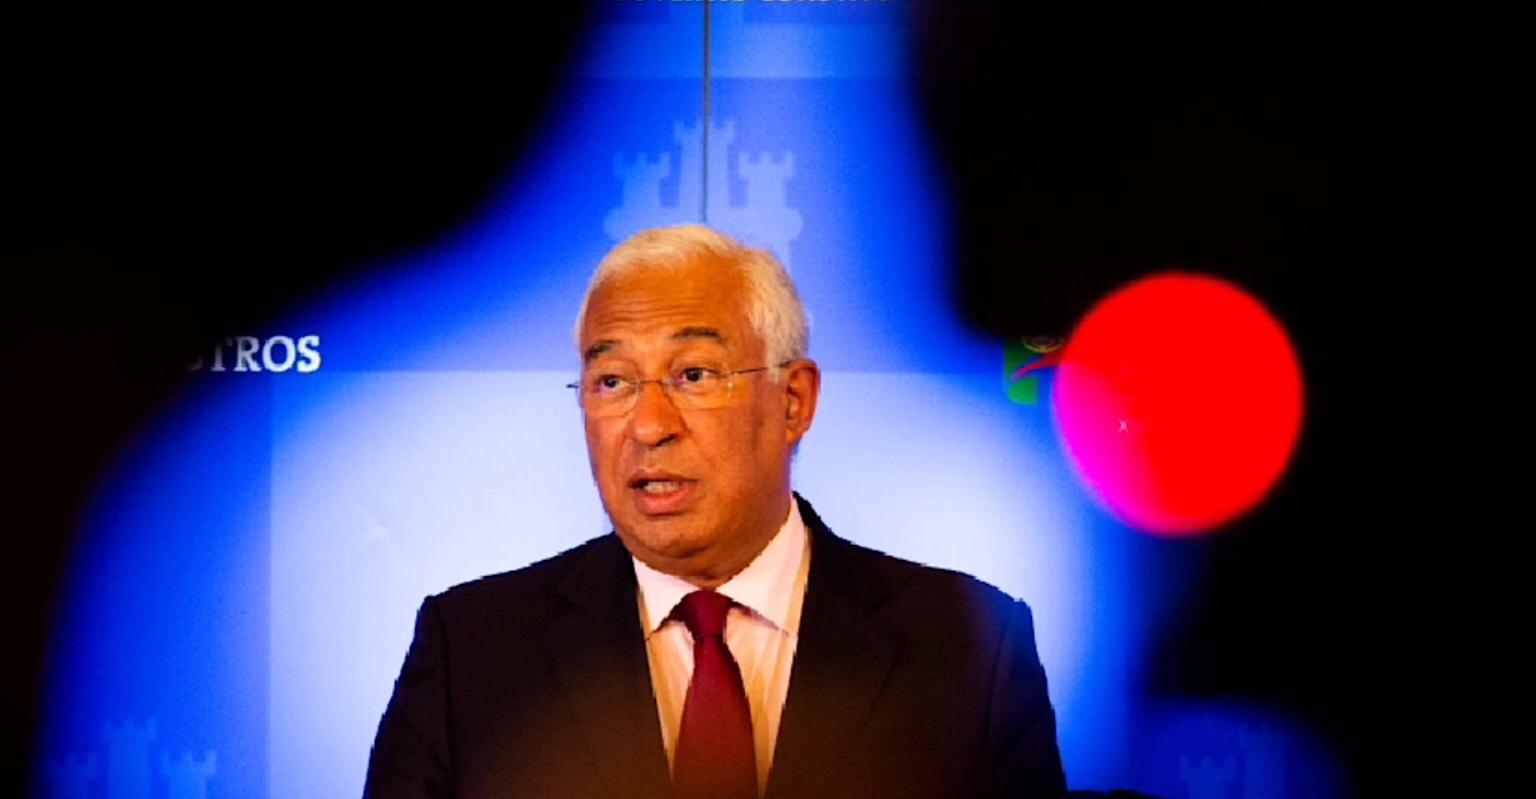 Governo de Portugal aprova oito medidas para prevenir expansão da pandemia